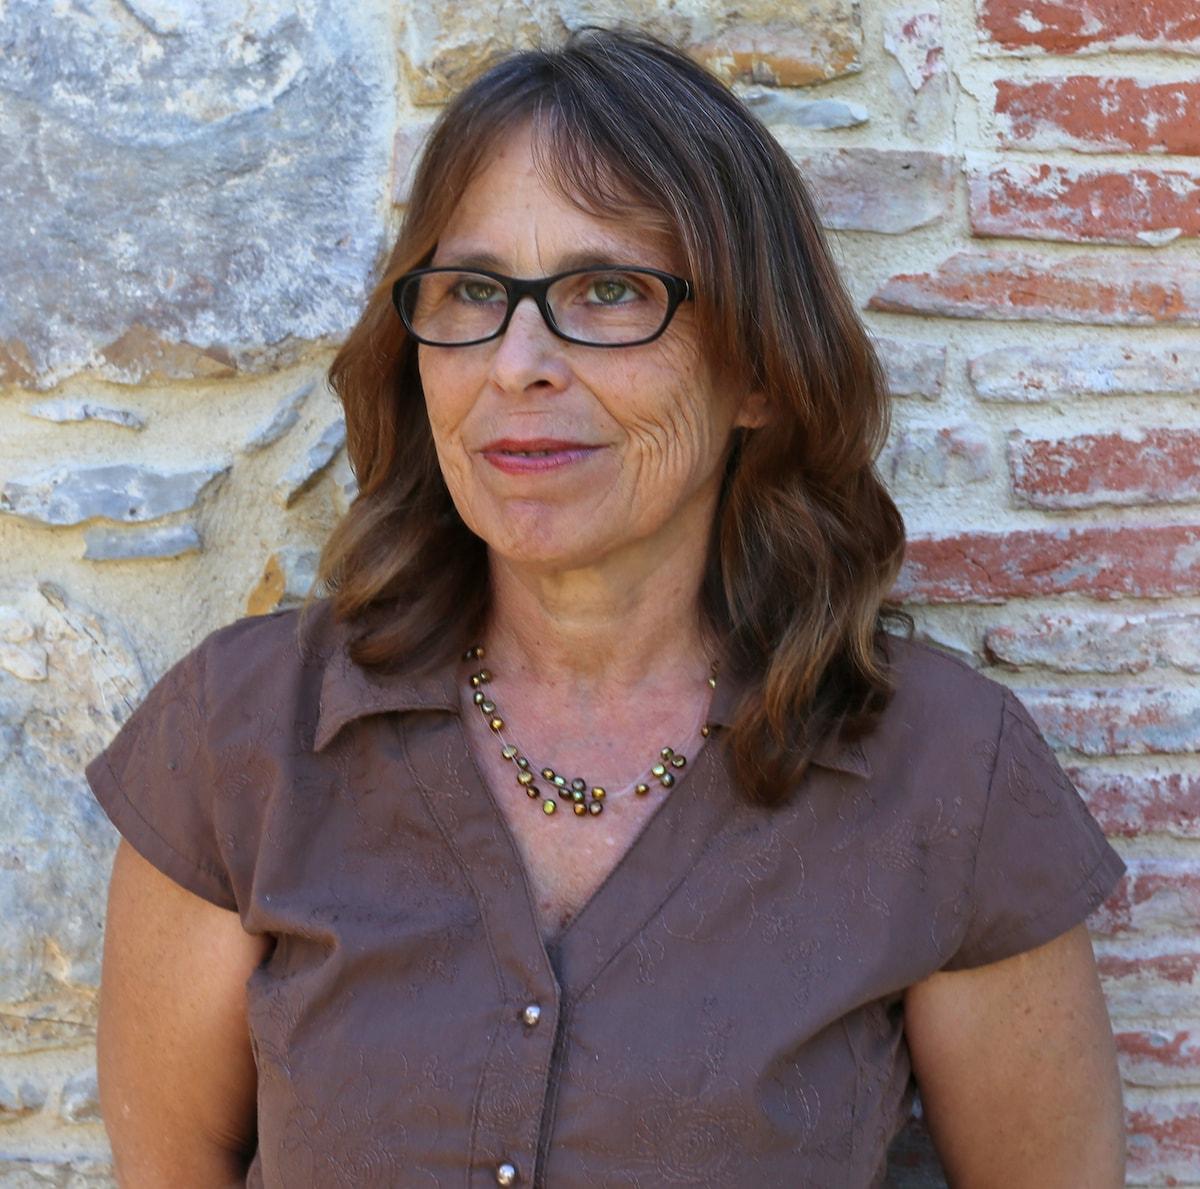 Jacobella from seggiano